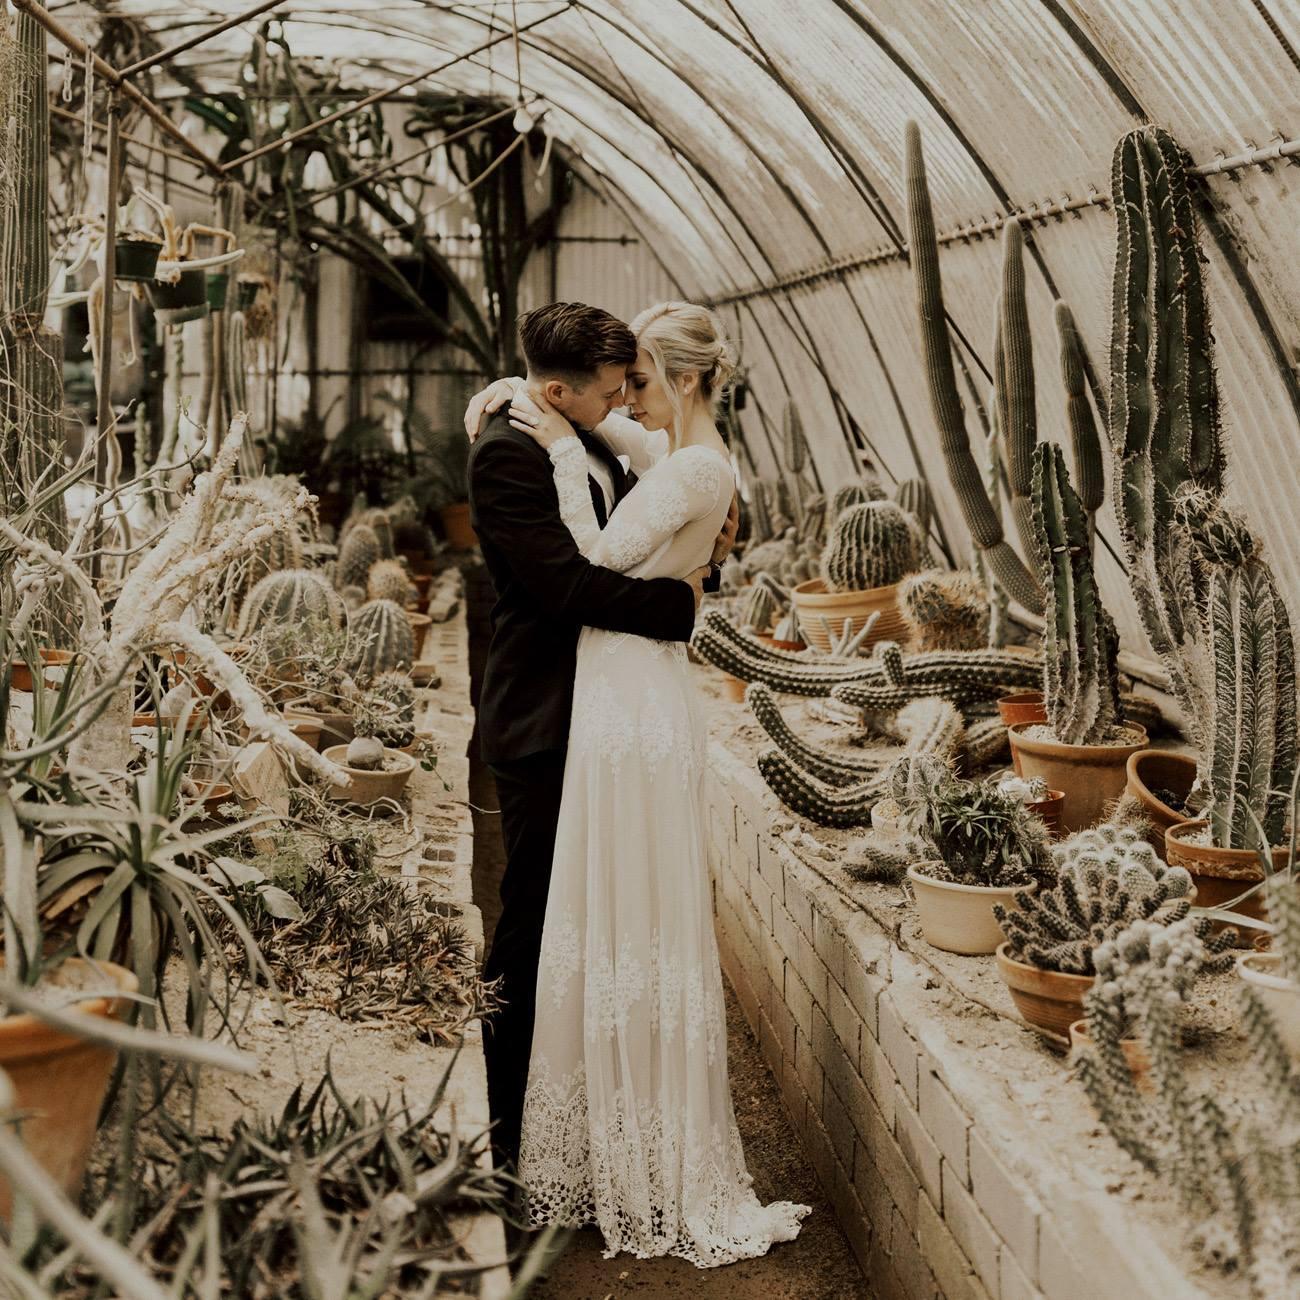 Svadobné fotenie v skleníku - Obrázok č. 29